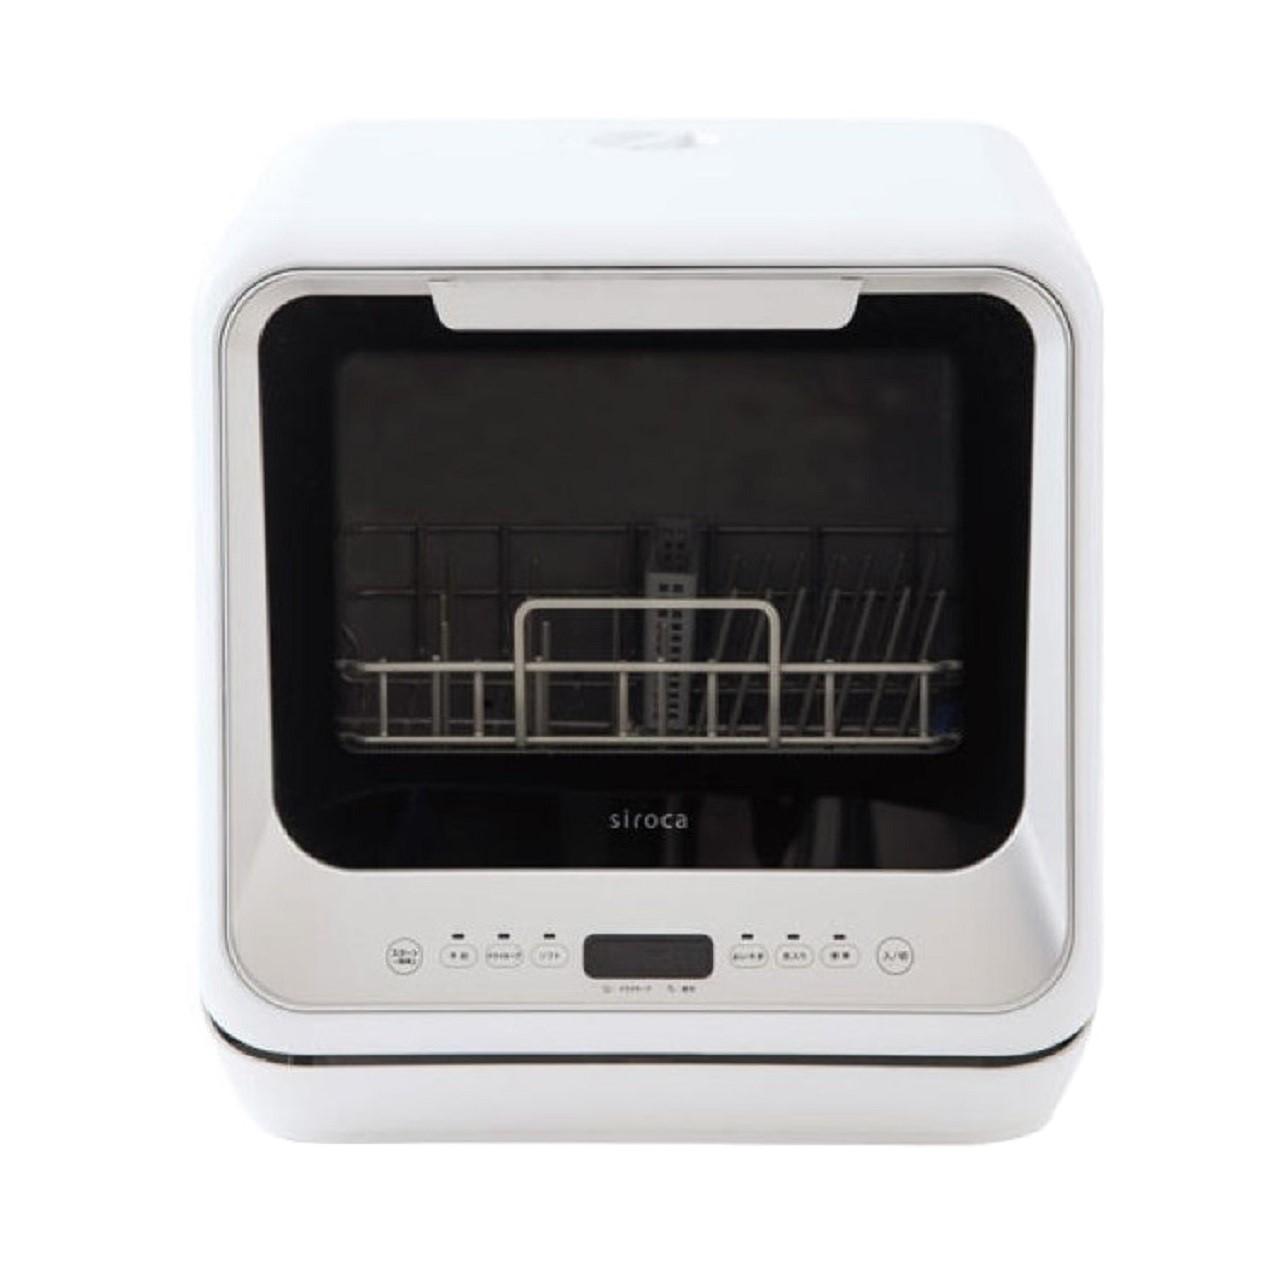 シロカSS-M151食器洗い乾燥機